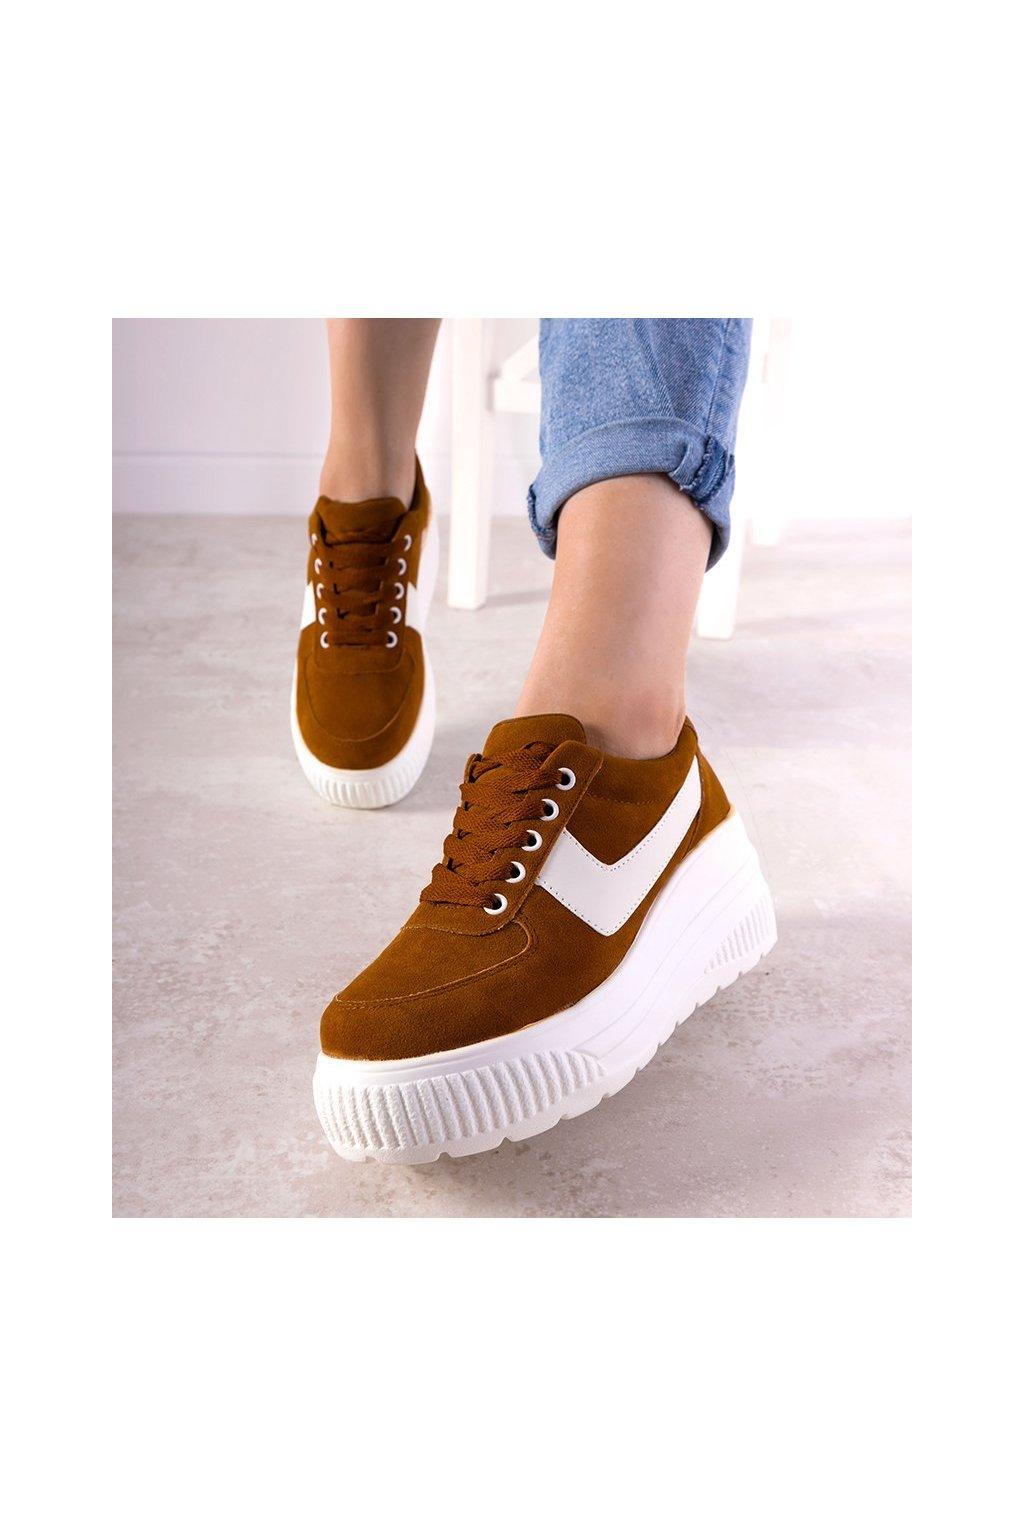 Dámske topánky tenisky hnedé kód E3141 - GM